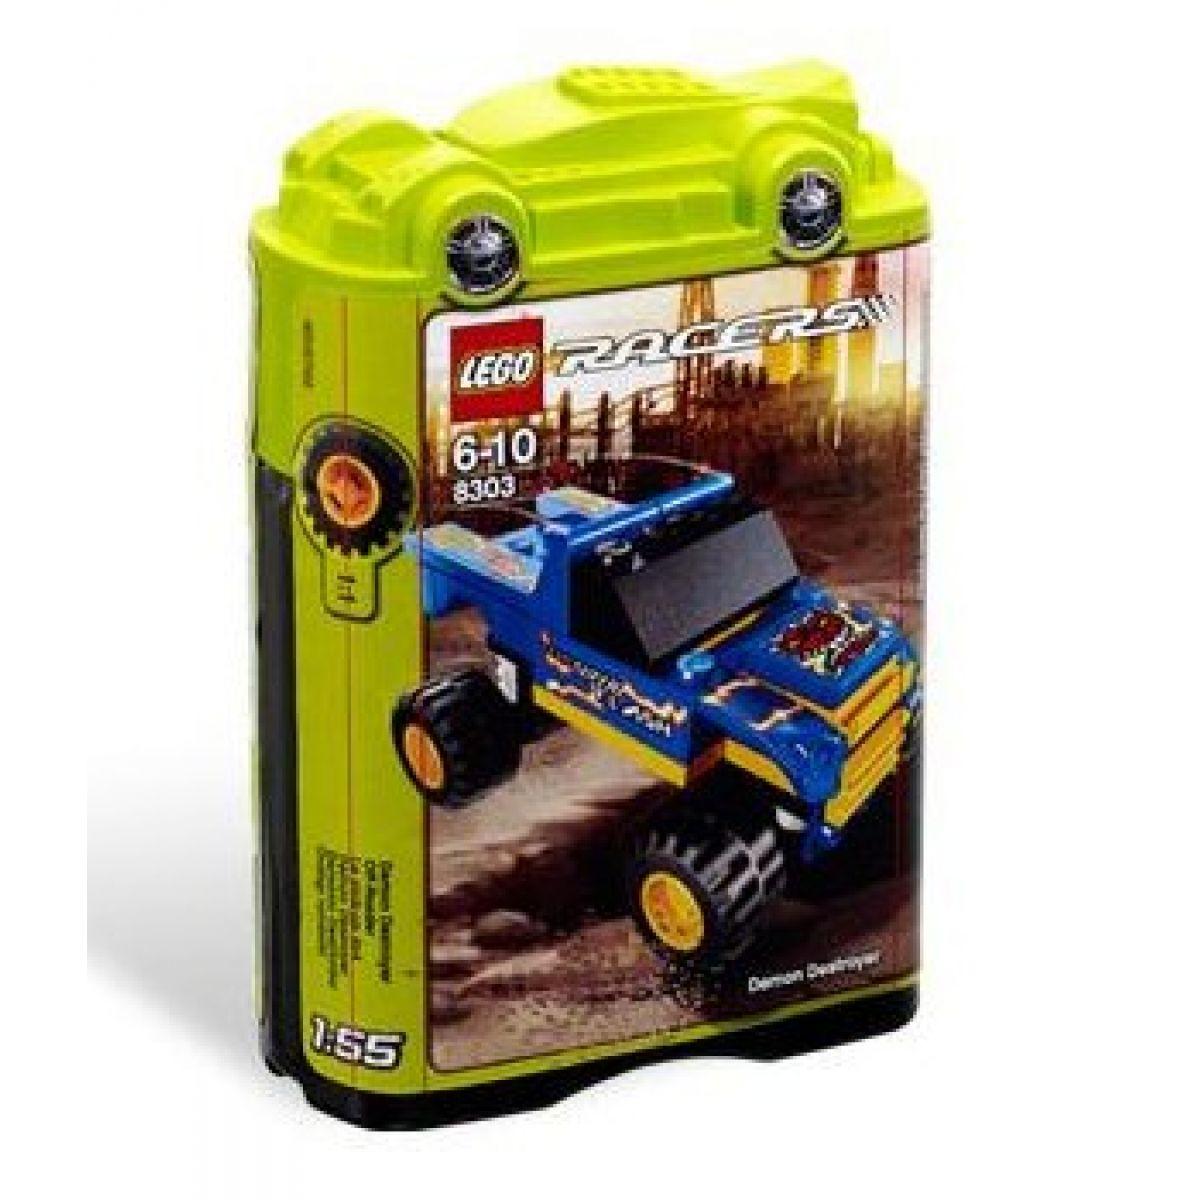 LEGO 8303 RACERS Ďábělský jezdec